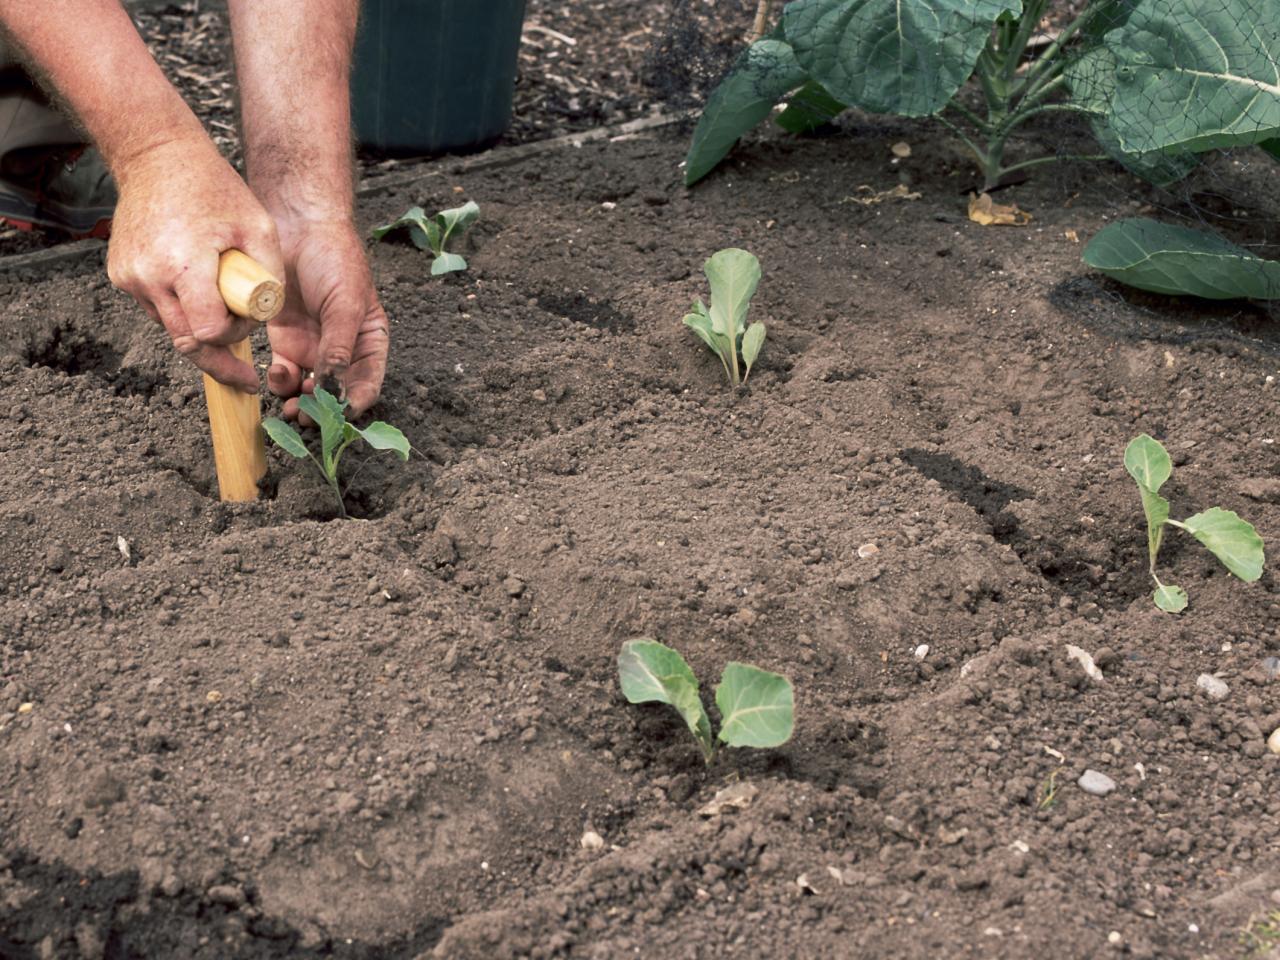 Удивительное растение — брюква: полезные свойства, противопоказания и использование для лечения множества заболеваний